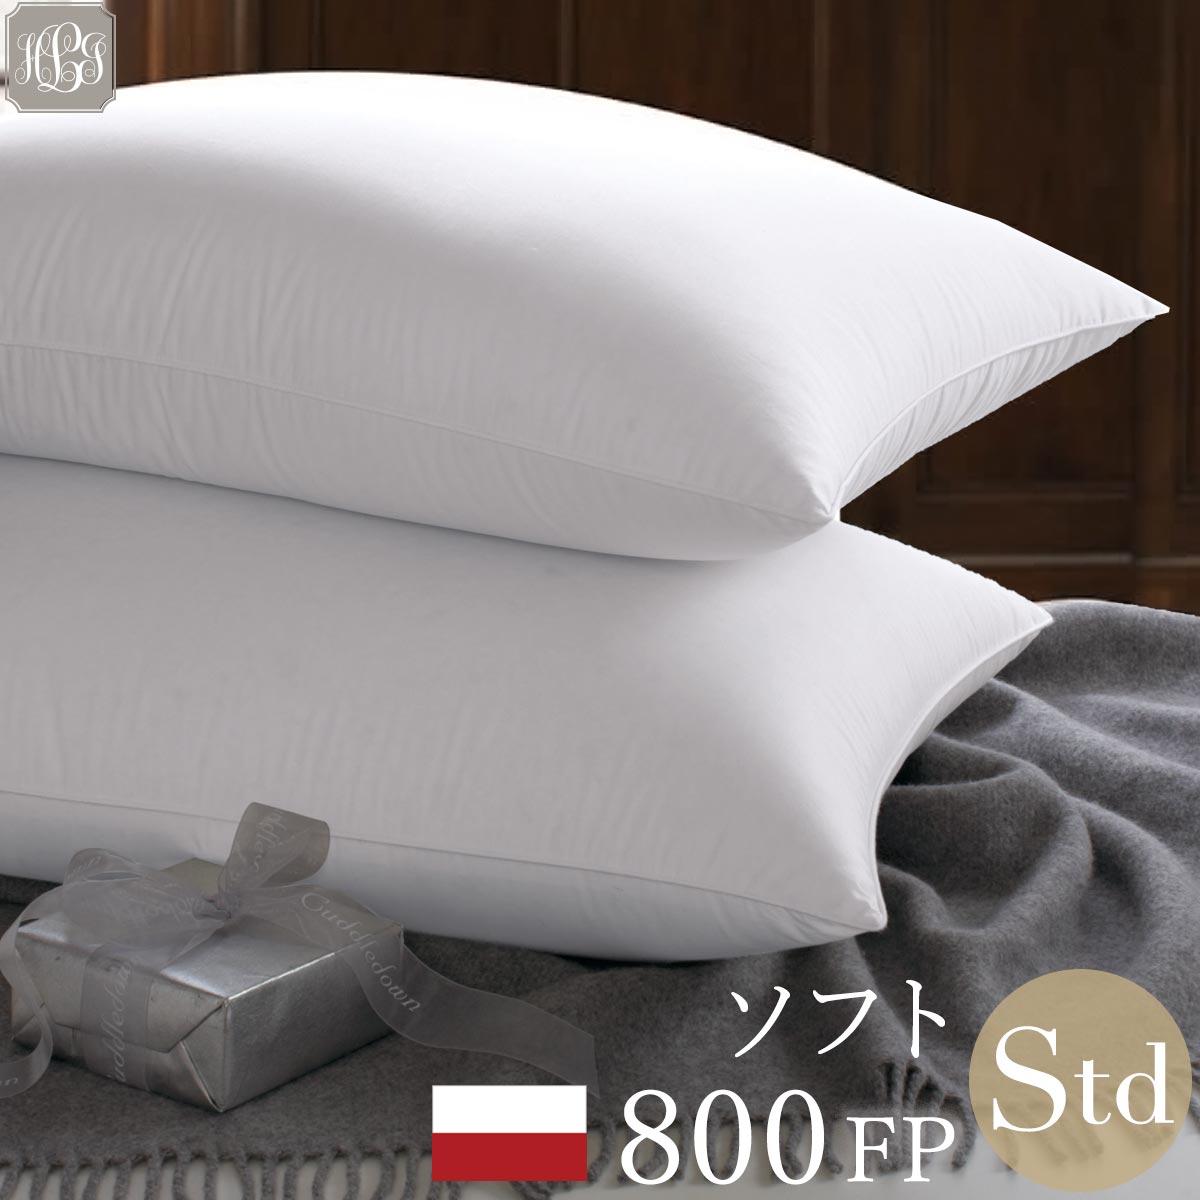 羽毛枕 スタンダード 50cmx66cm ソフト 800フィルパワーポーランド産ホワイトマザーグースダウンピロー 送料無料